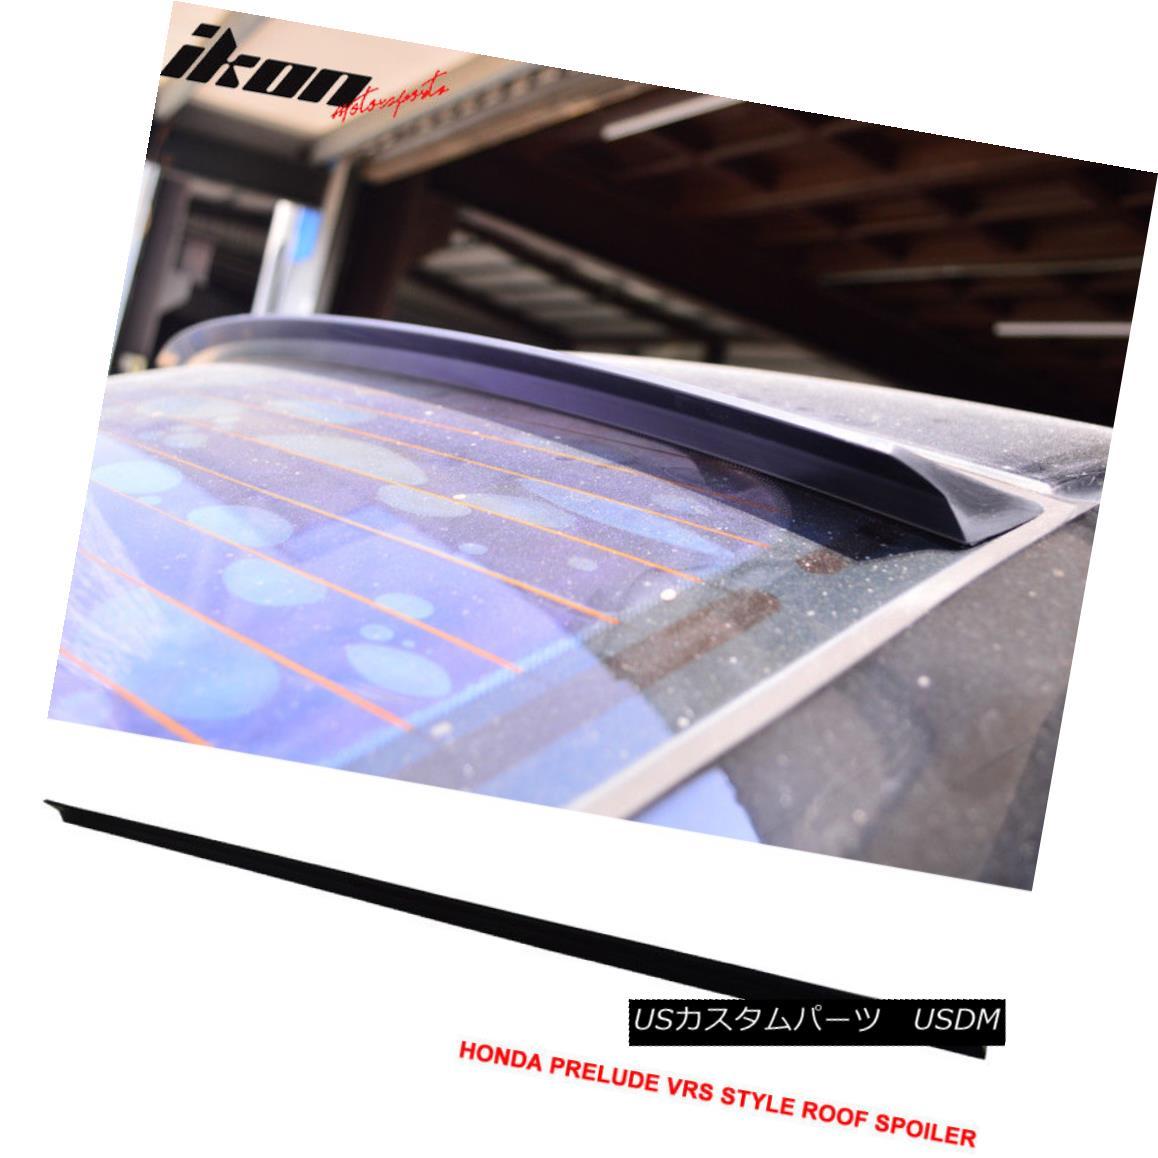 エアロパーツ 97-01 Honda Prelude 5th 2Dr VRS Style Roof Spoiler Unpainted Black - PUF 97-01ホンダプレリュード5th 2Dr VRSスタイルルーフスポイラー無塗装黒 - PUF